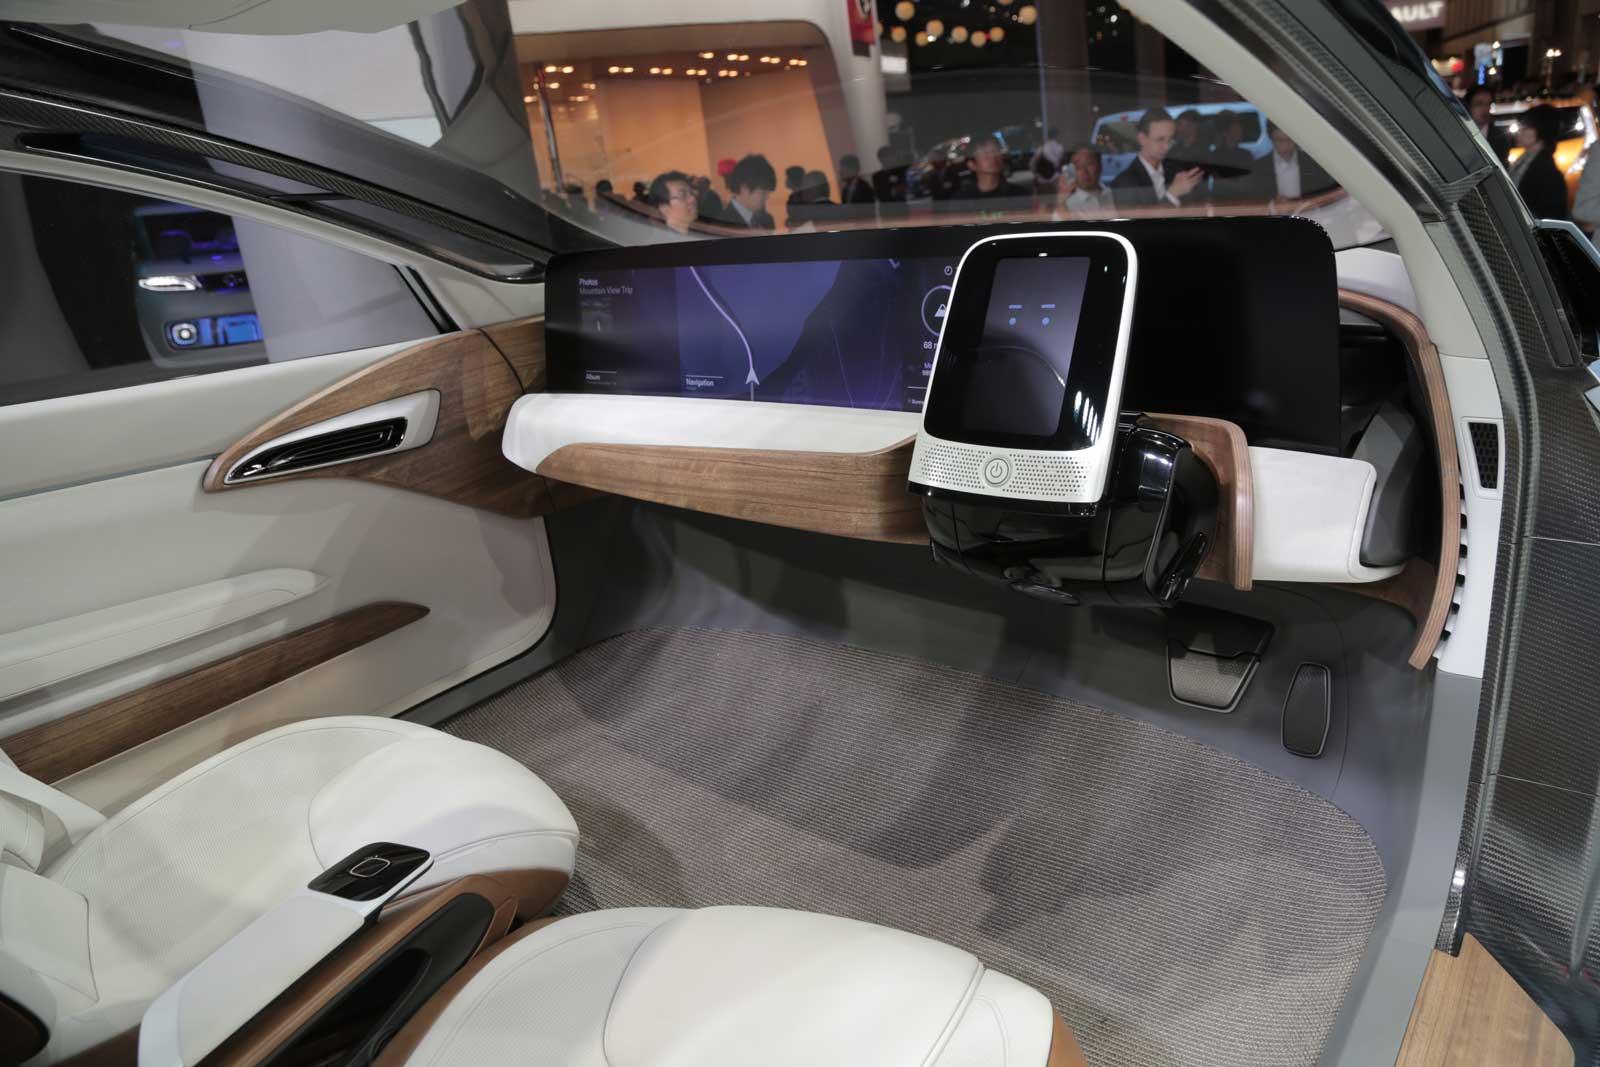 le auto senza conducente saranno progettate come il salotto di casa idealista news. Black Bedroom Furniture Sets. Home Design Ideas